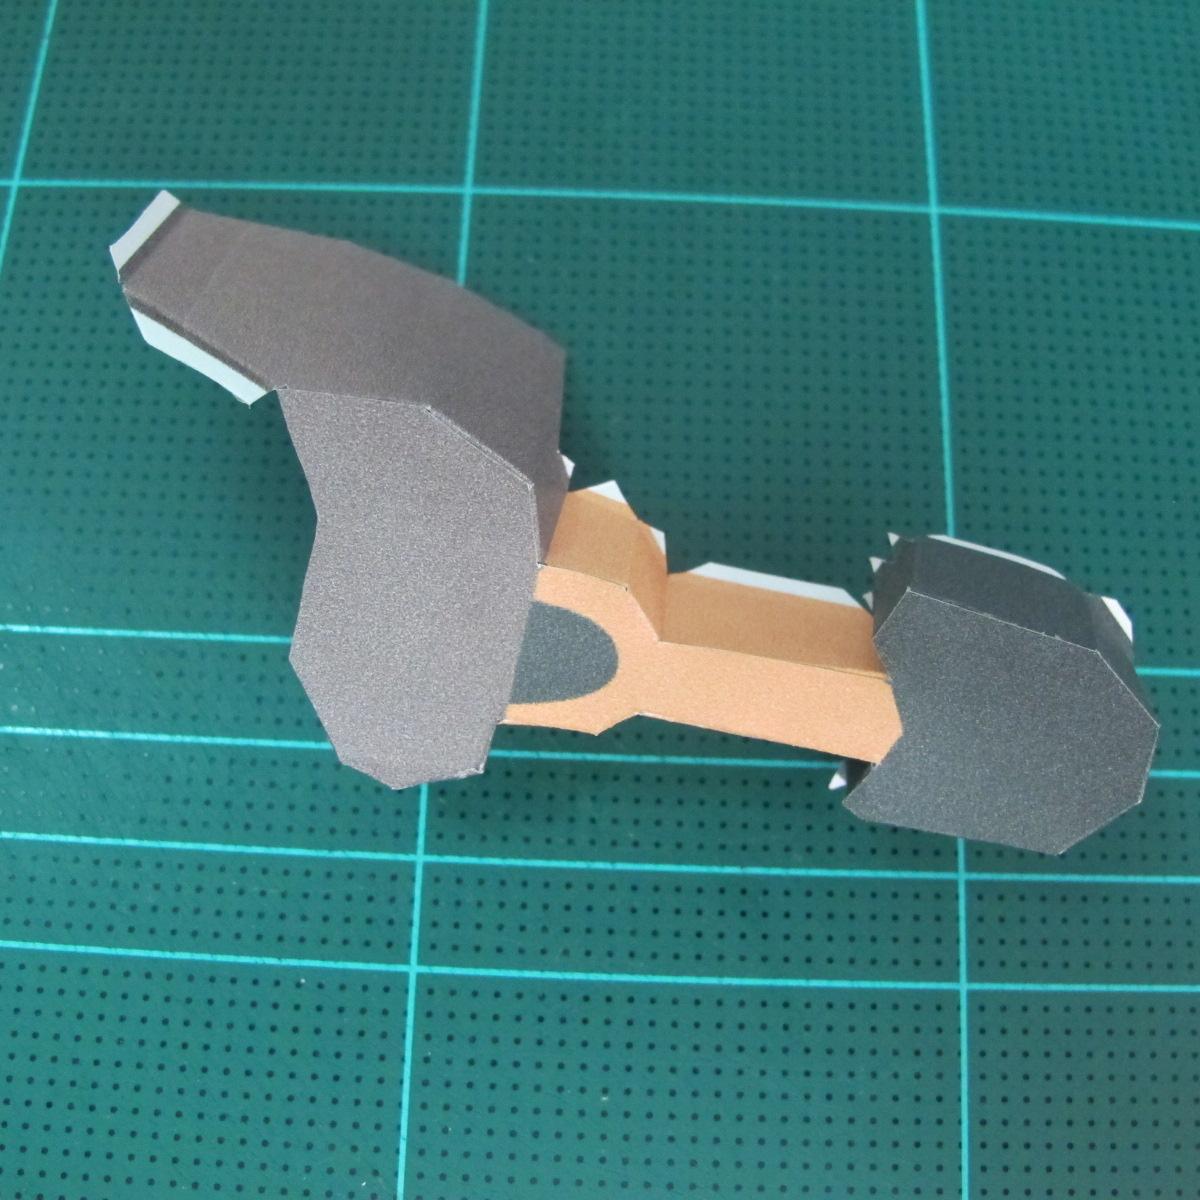 วิธีทำโมเดลกระดาษ ตุ้กตาไลน์ หมีบราวน์ ถือพลั่ว (Line Brown Bear With Shovel Papercraft Model -「シャベル」と「ブラウン」) 013